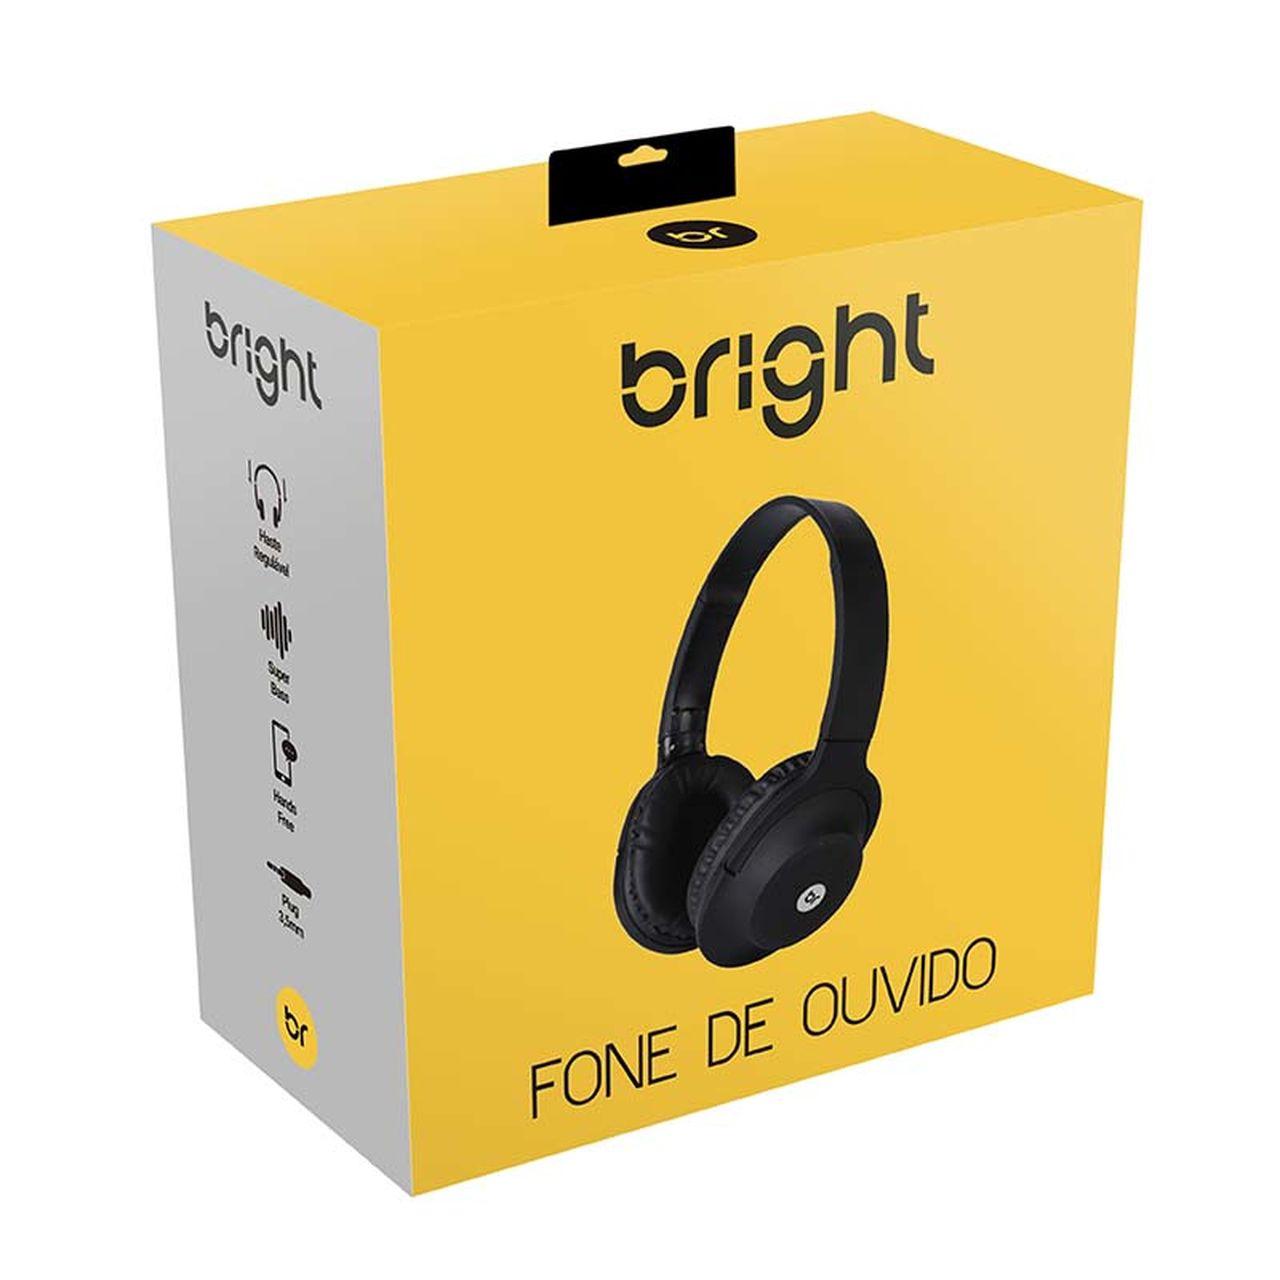 Fone de Ouvido P2 Headphone com Microfone Integrado Preto 463 Bright